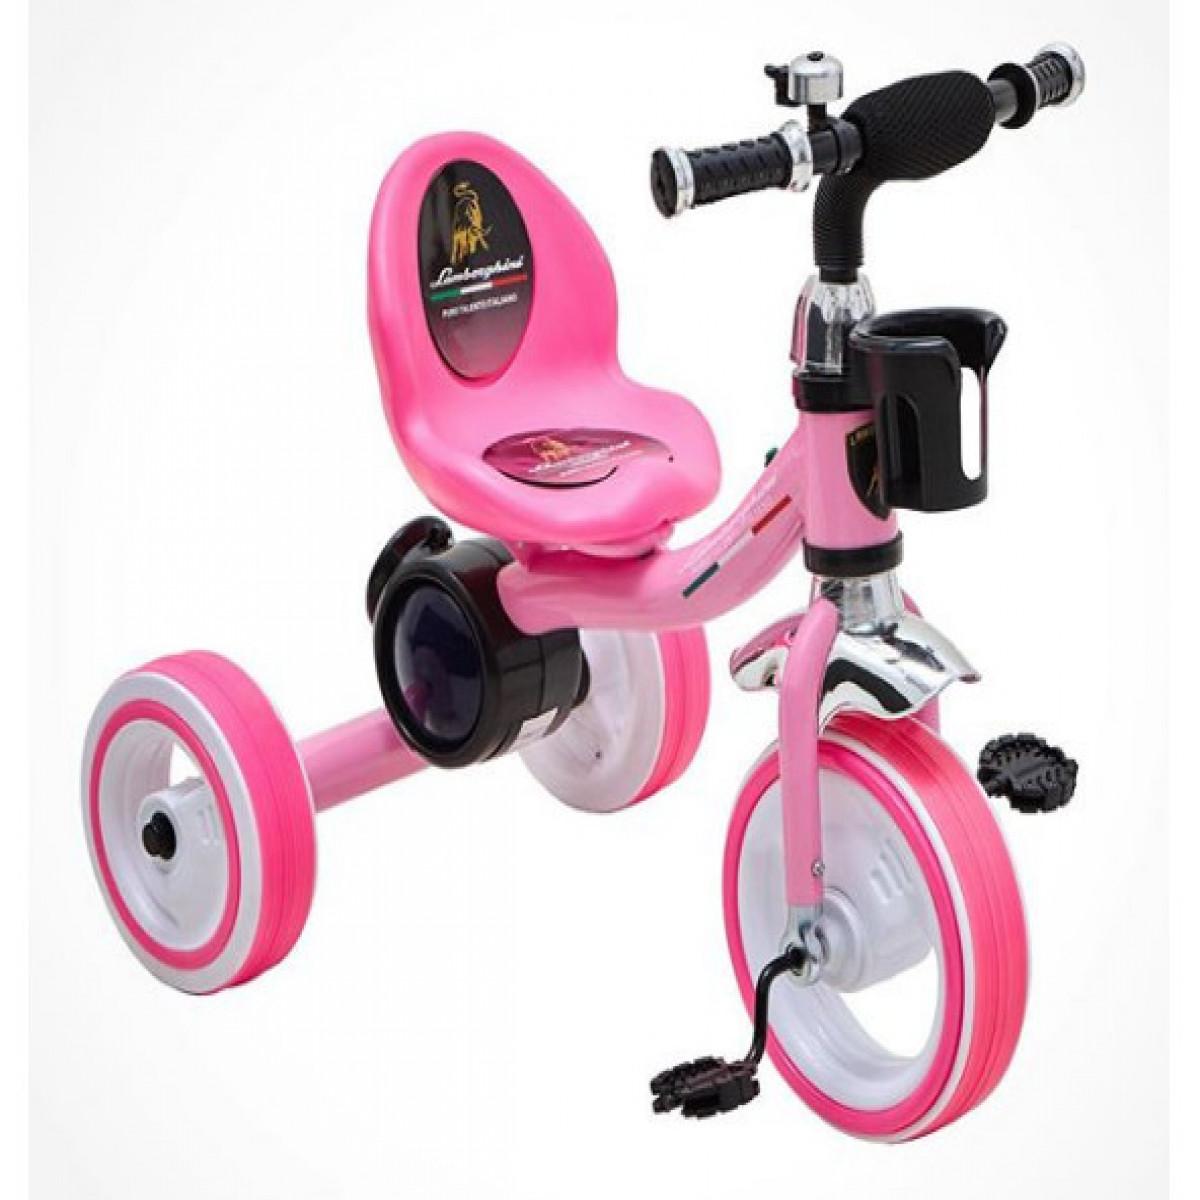 Triciclo con luces Lamborghini rosa